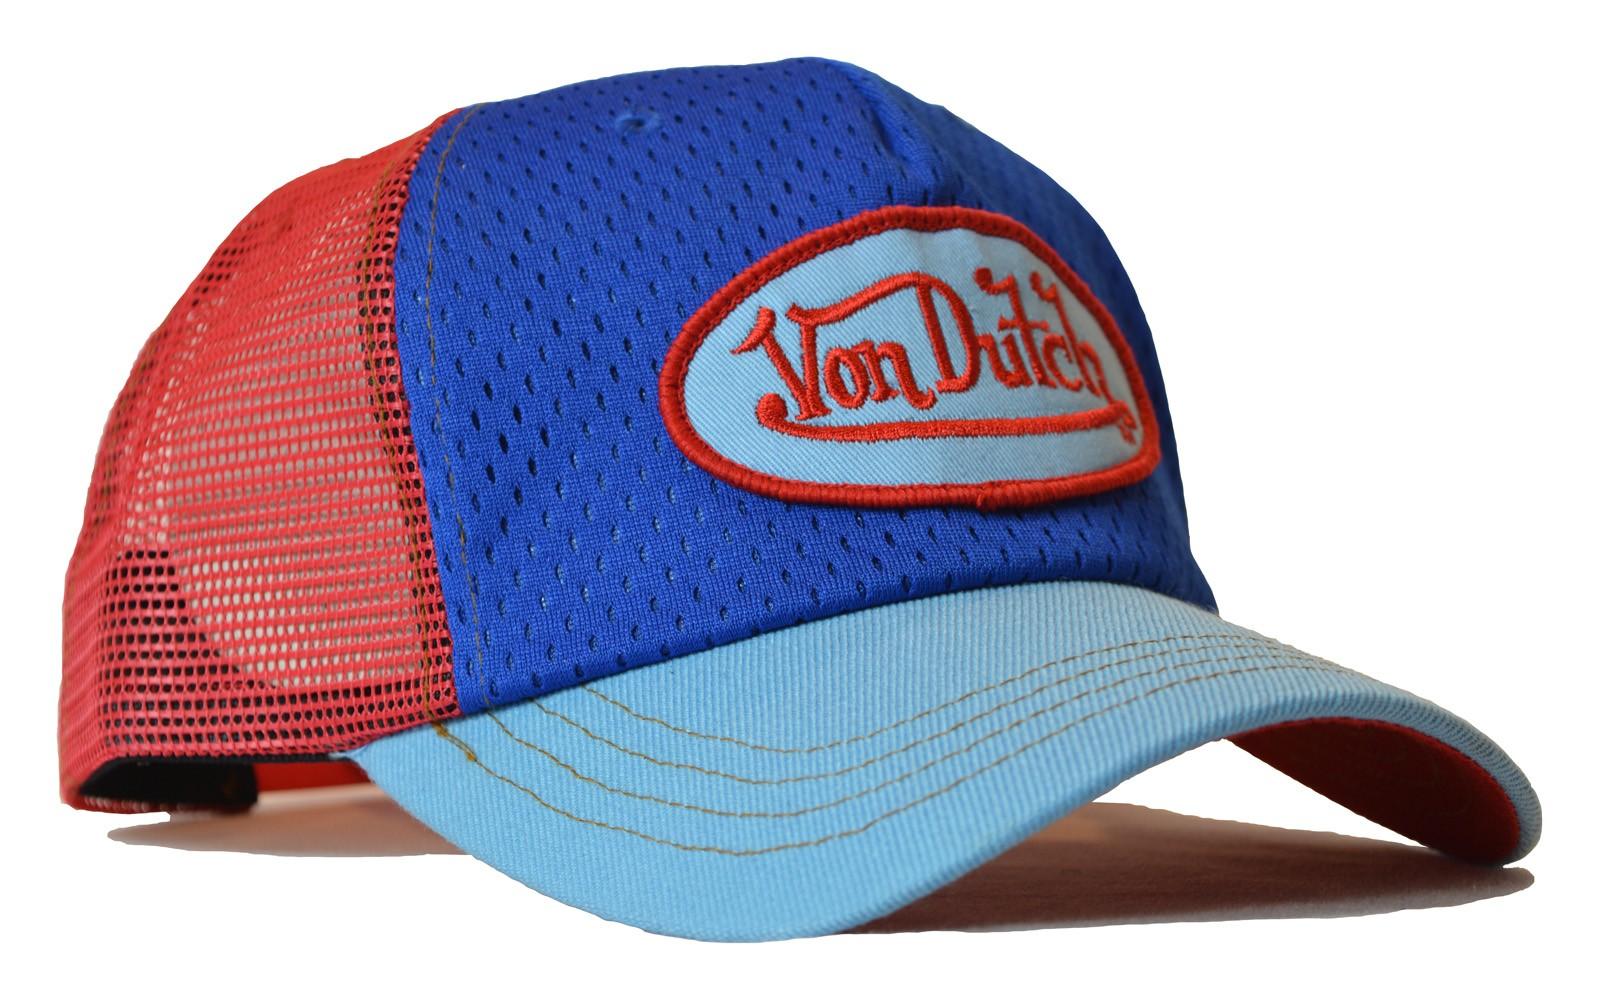 Von Dutch - Jersey Blue/Red Mesh Trucker Cap